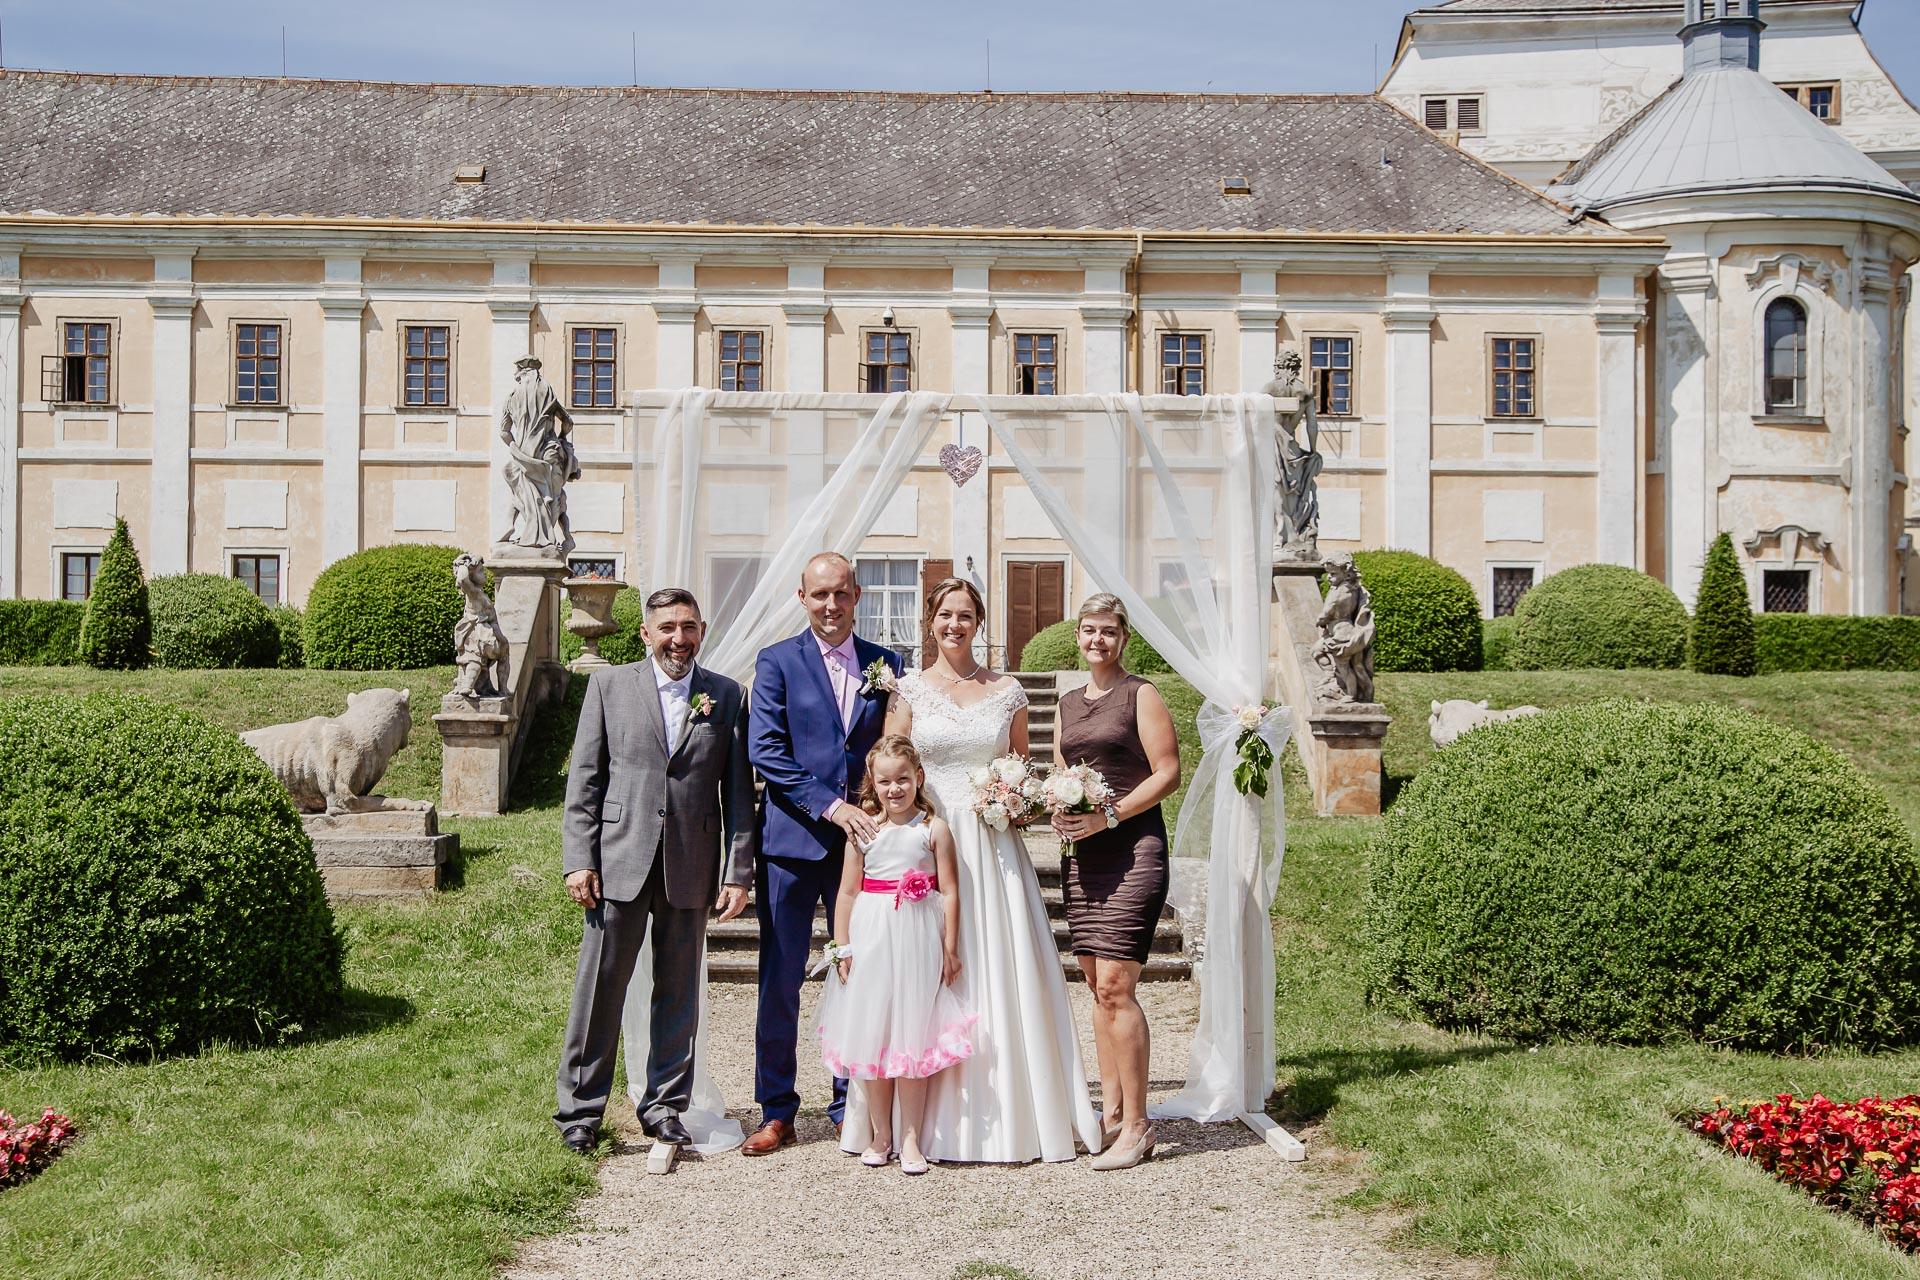 Připrava-svatebního-obřadu-Lysá-nad-Labem-9851